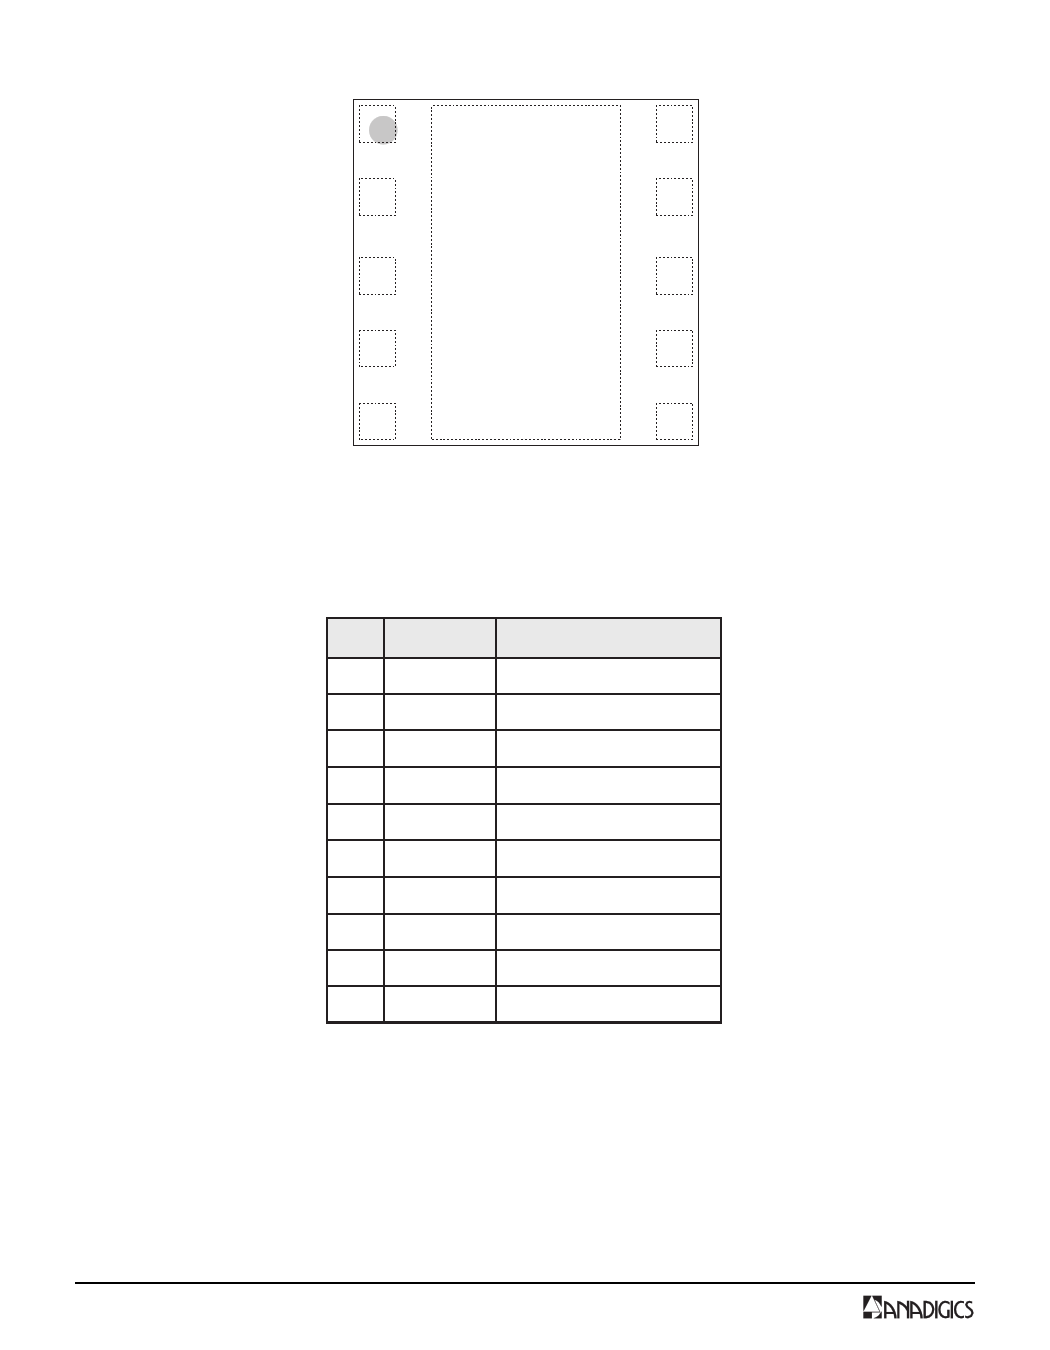 AWT6114 pdf, schematic